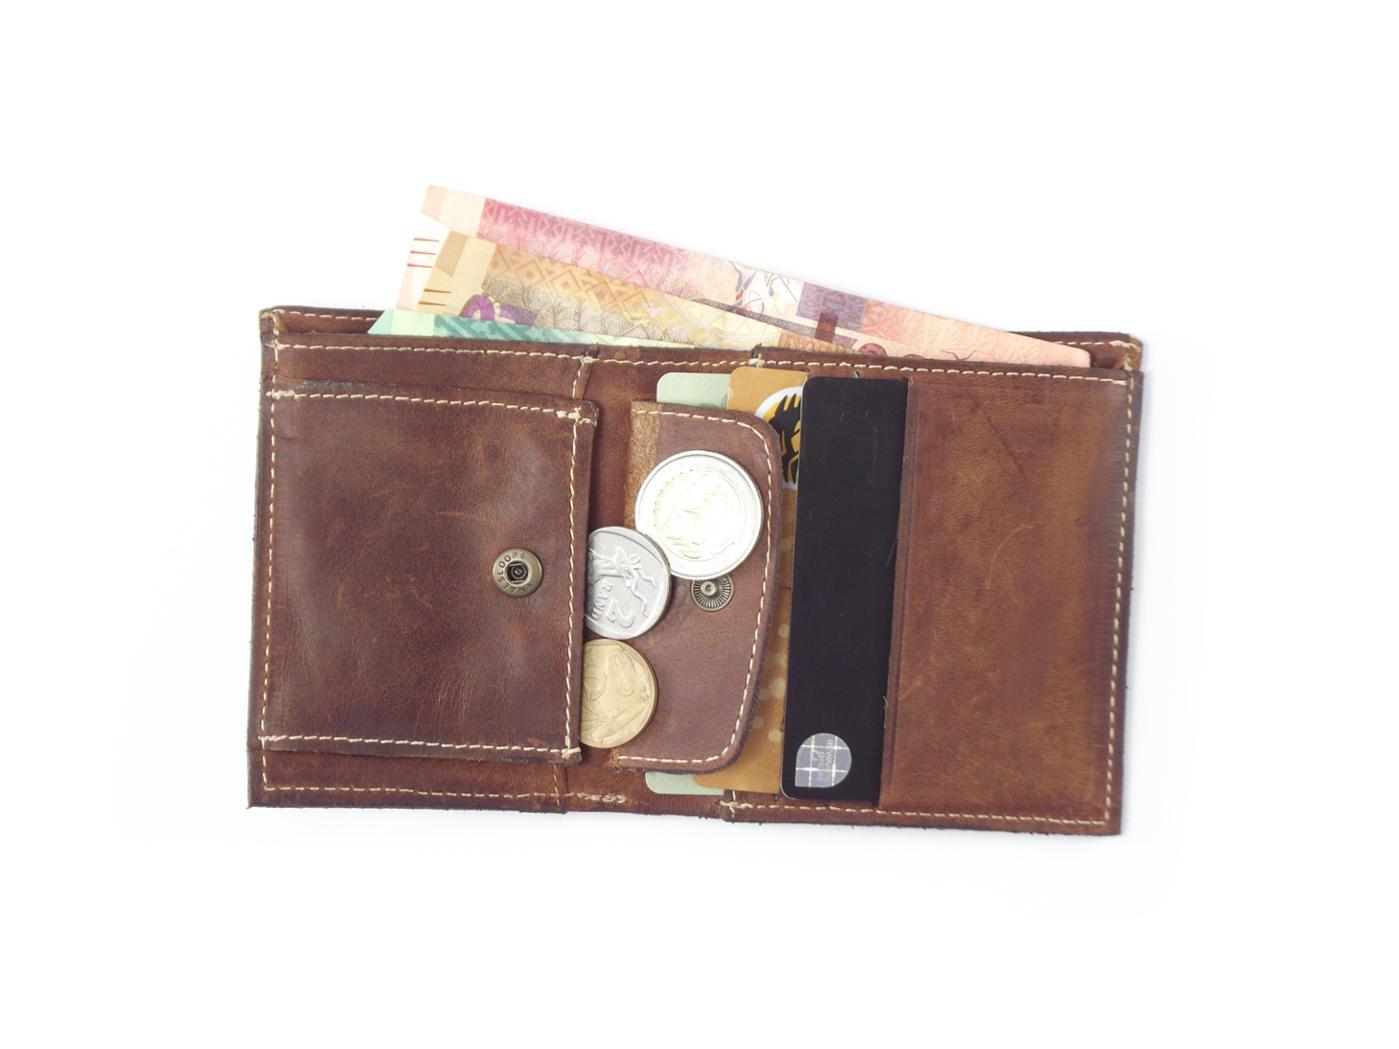 wallet mens no1 hpmw01ntst genuine leather credit card holder men by der lederhandler - Leather Credit Card Holder